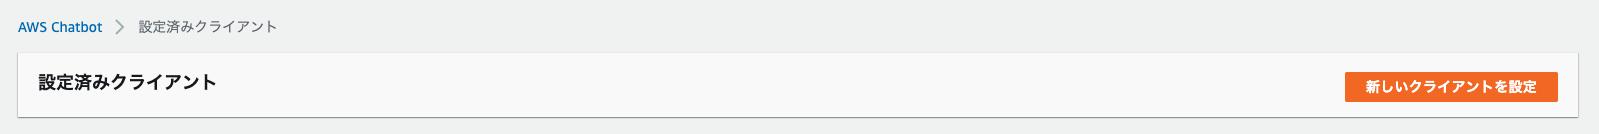 スクリーンショット 2020-08-04 18.49.25.png (19.8 kB)